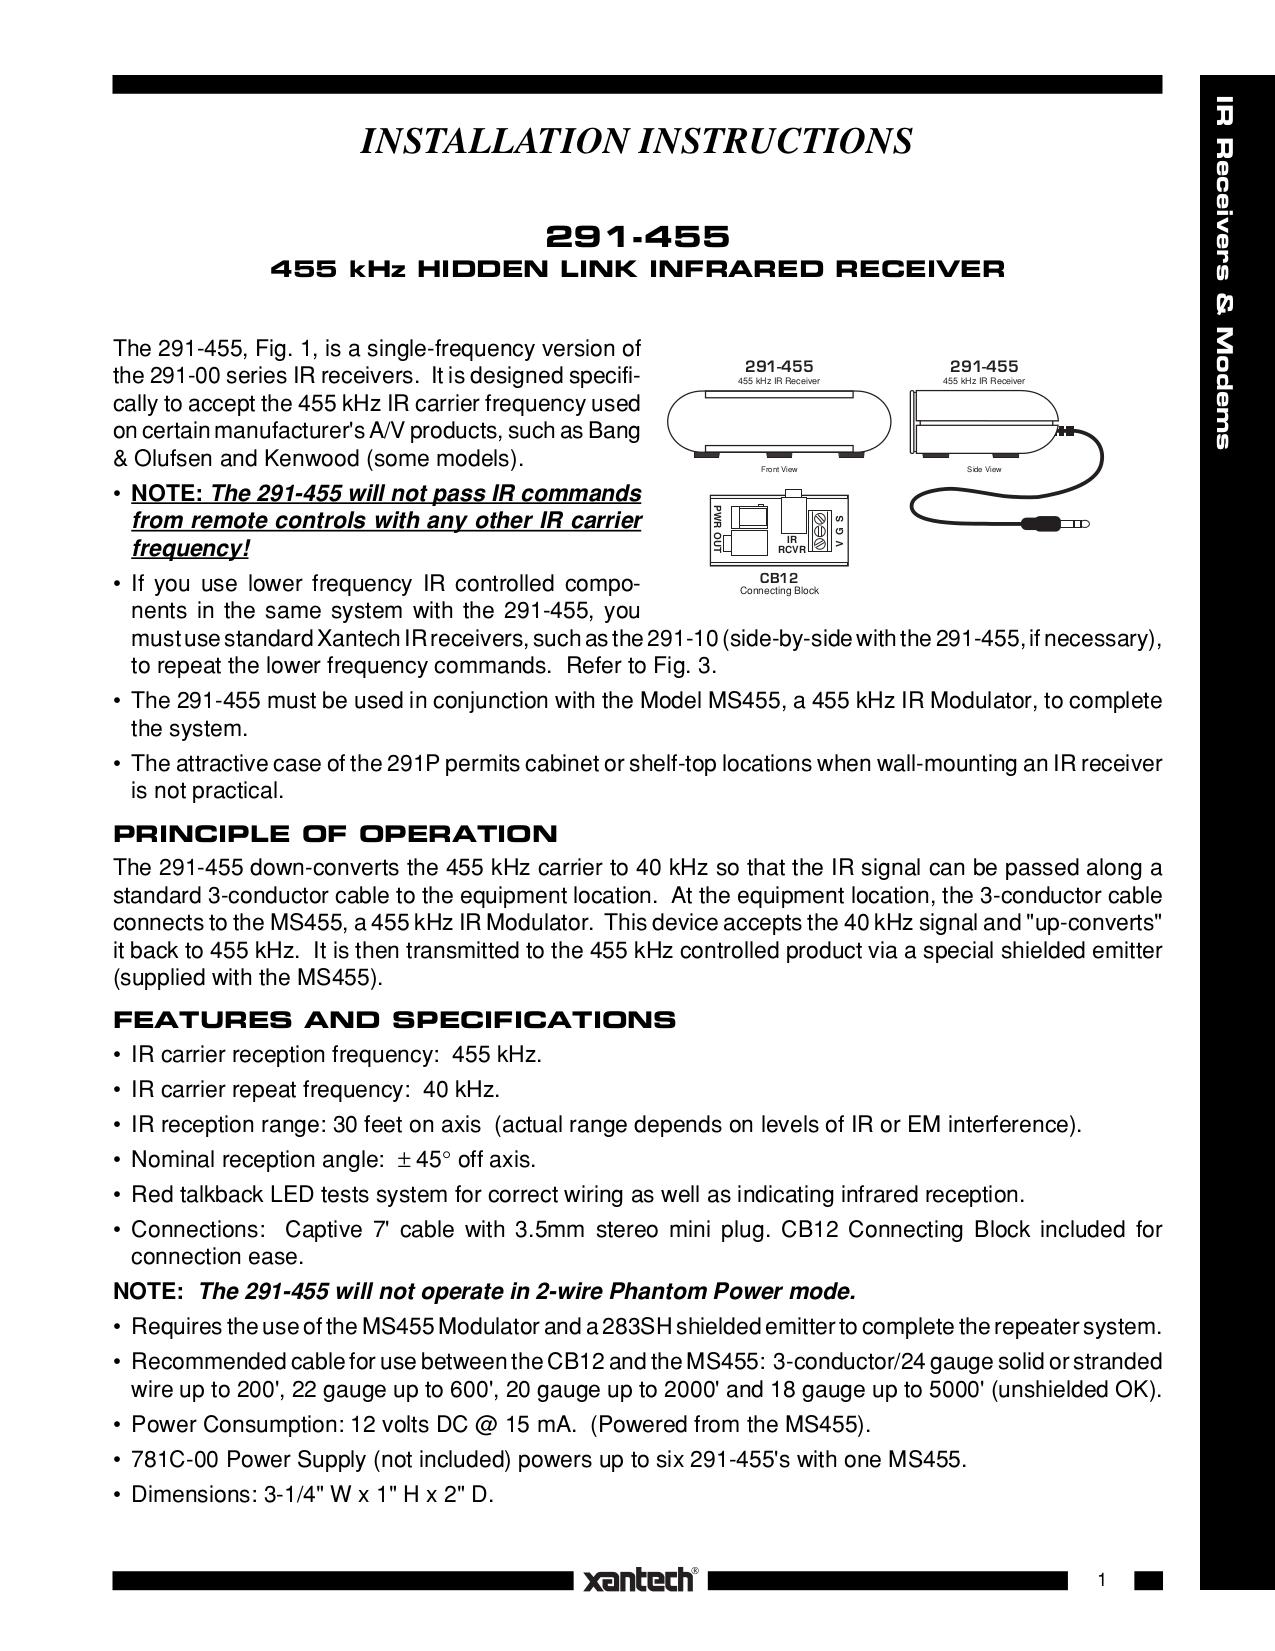 xantech ir kit wiring diagram   29 wiring diagram images